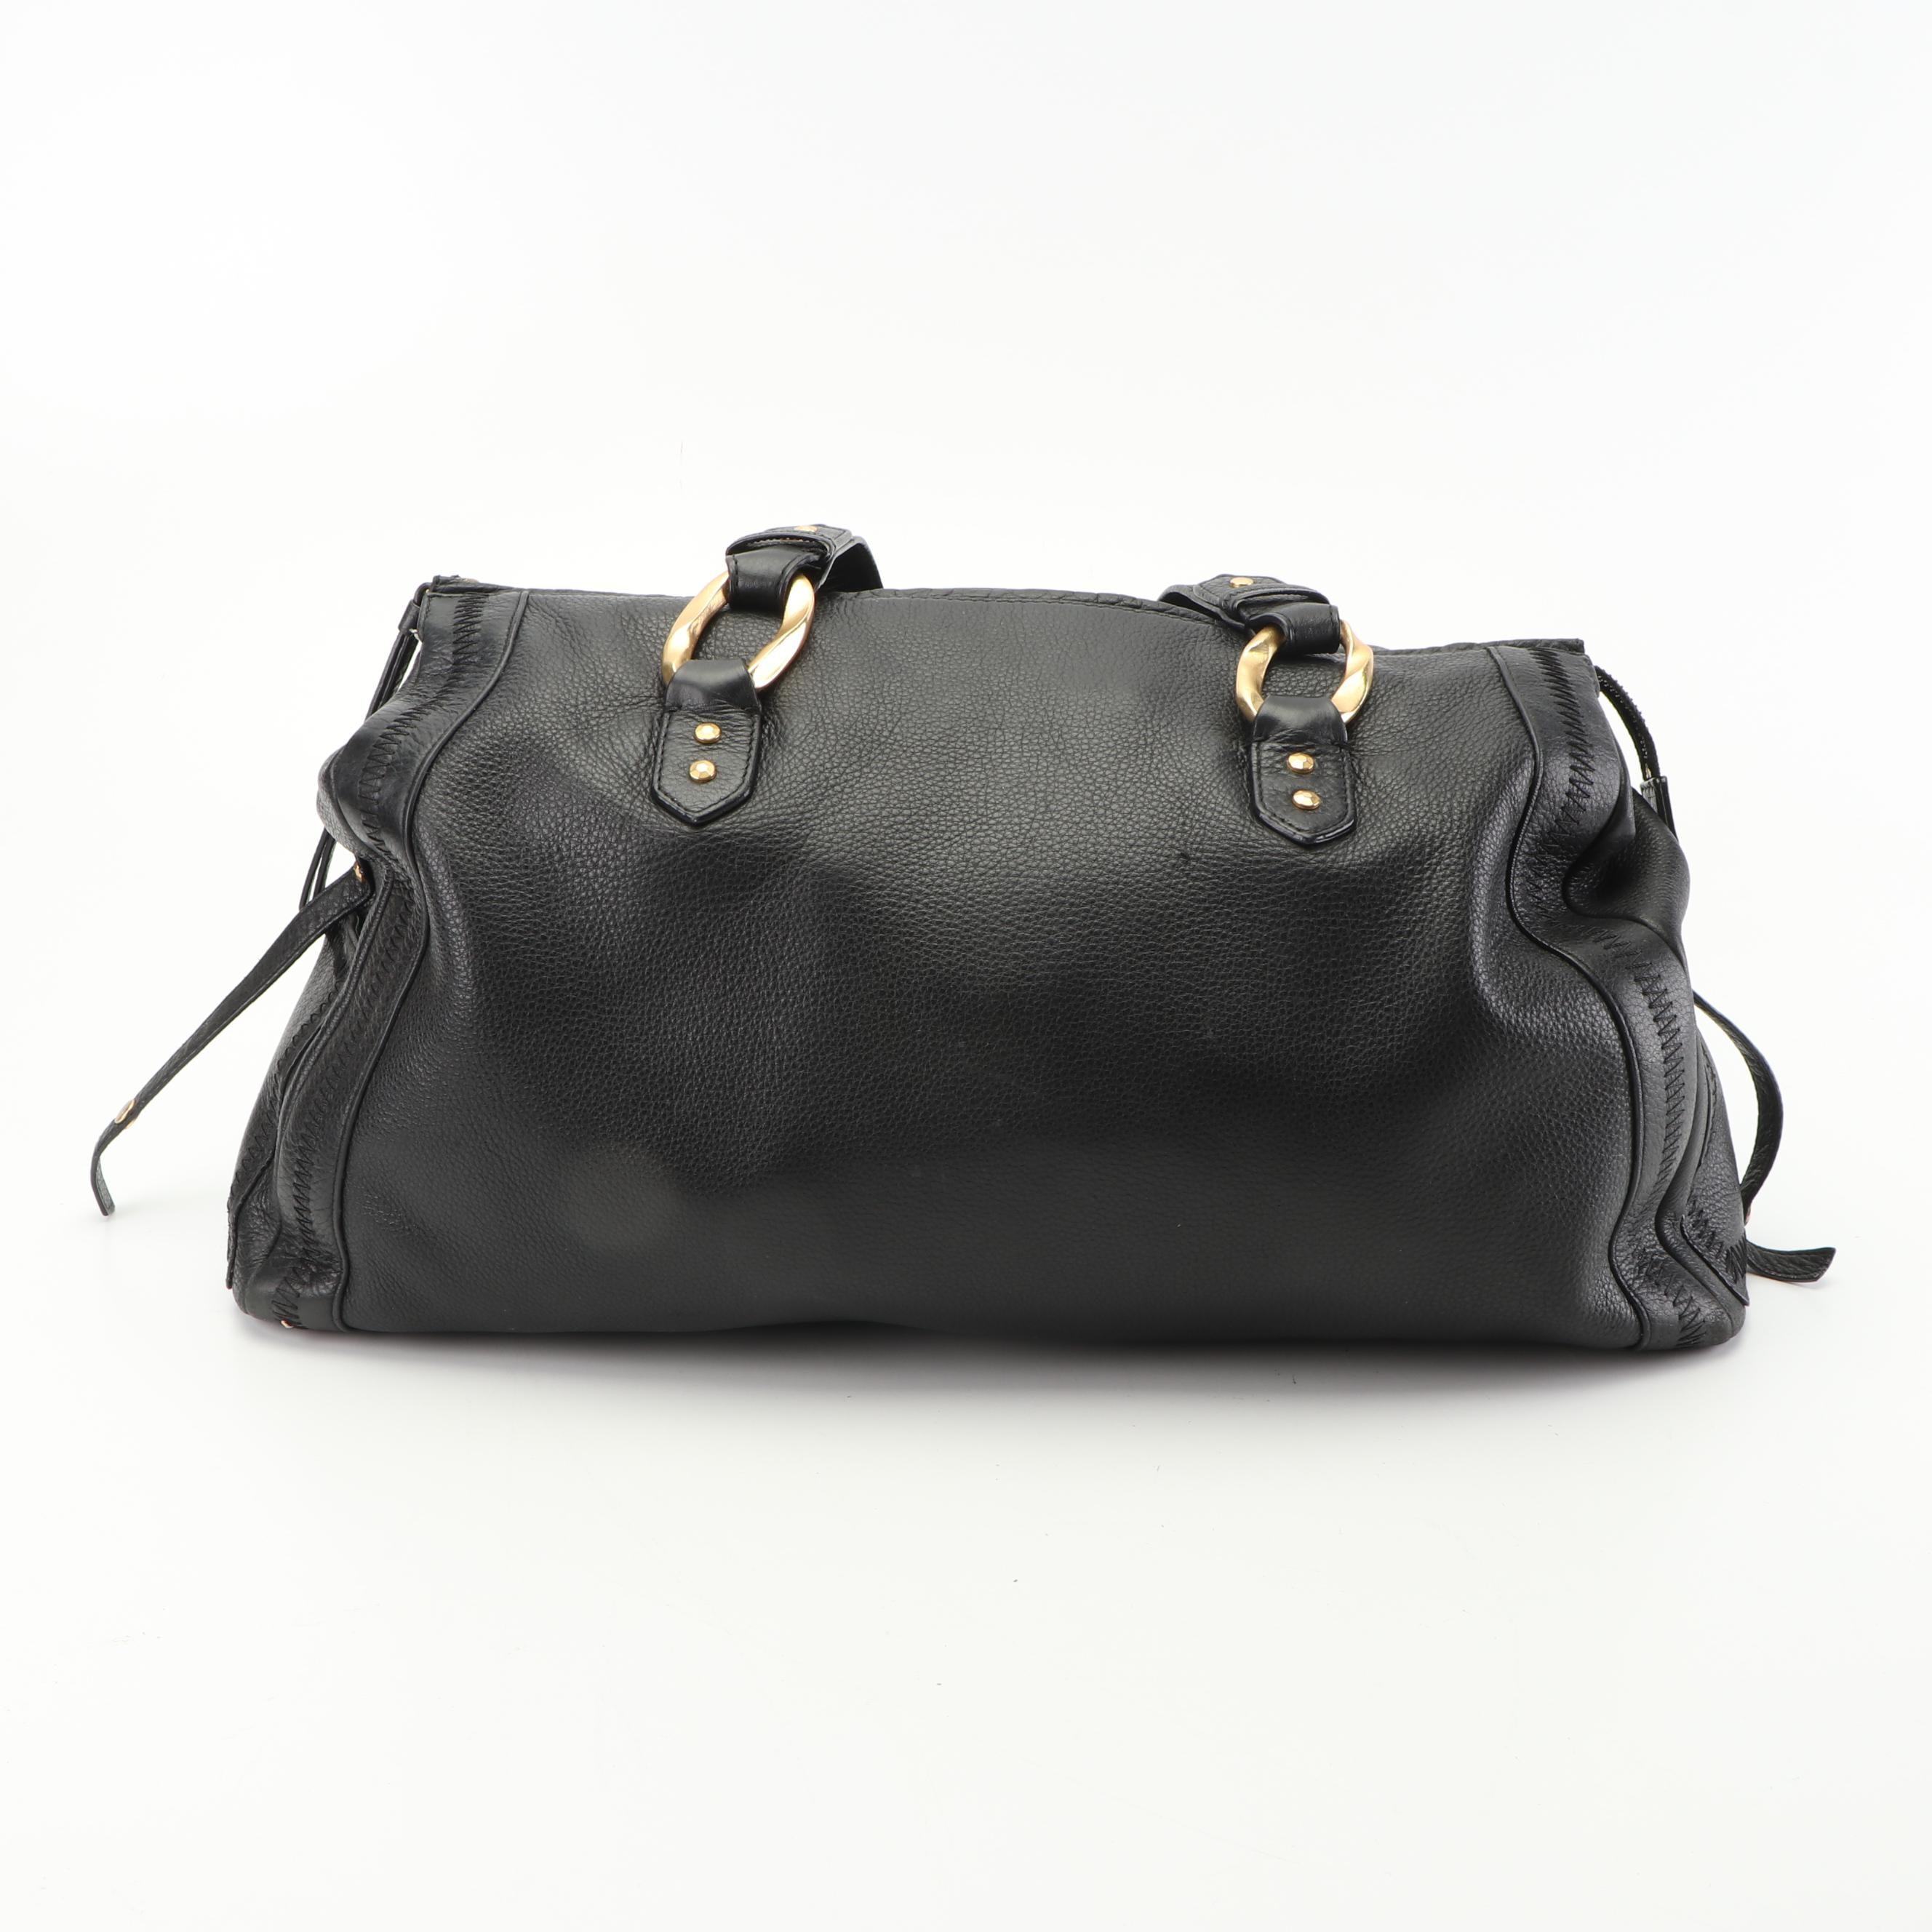 Sigrid Olsen Black Pebbled Leather Shoulder Bag